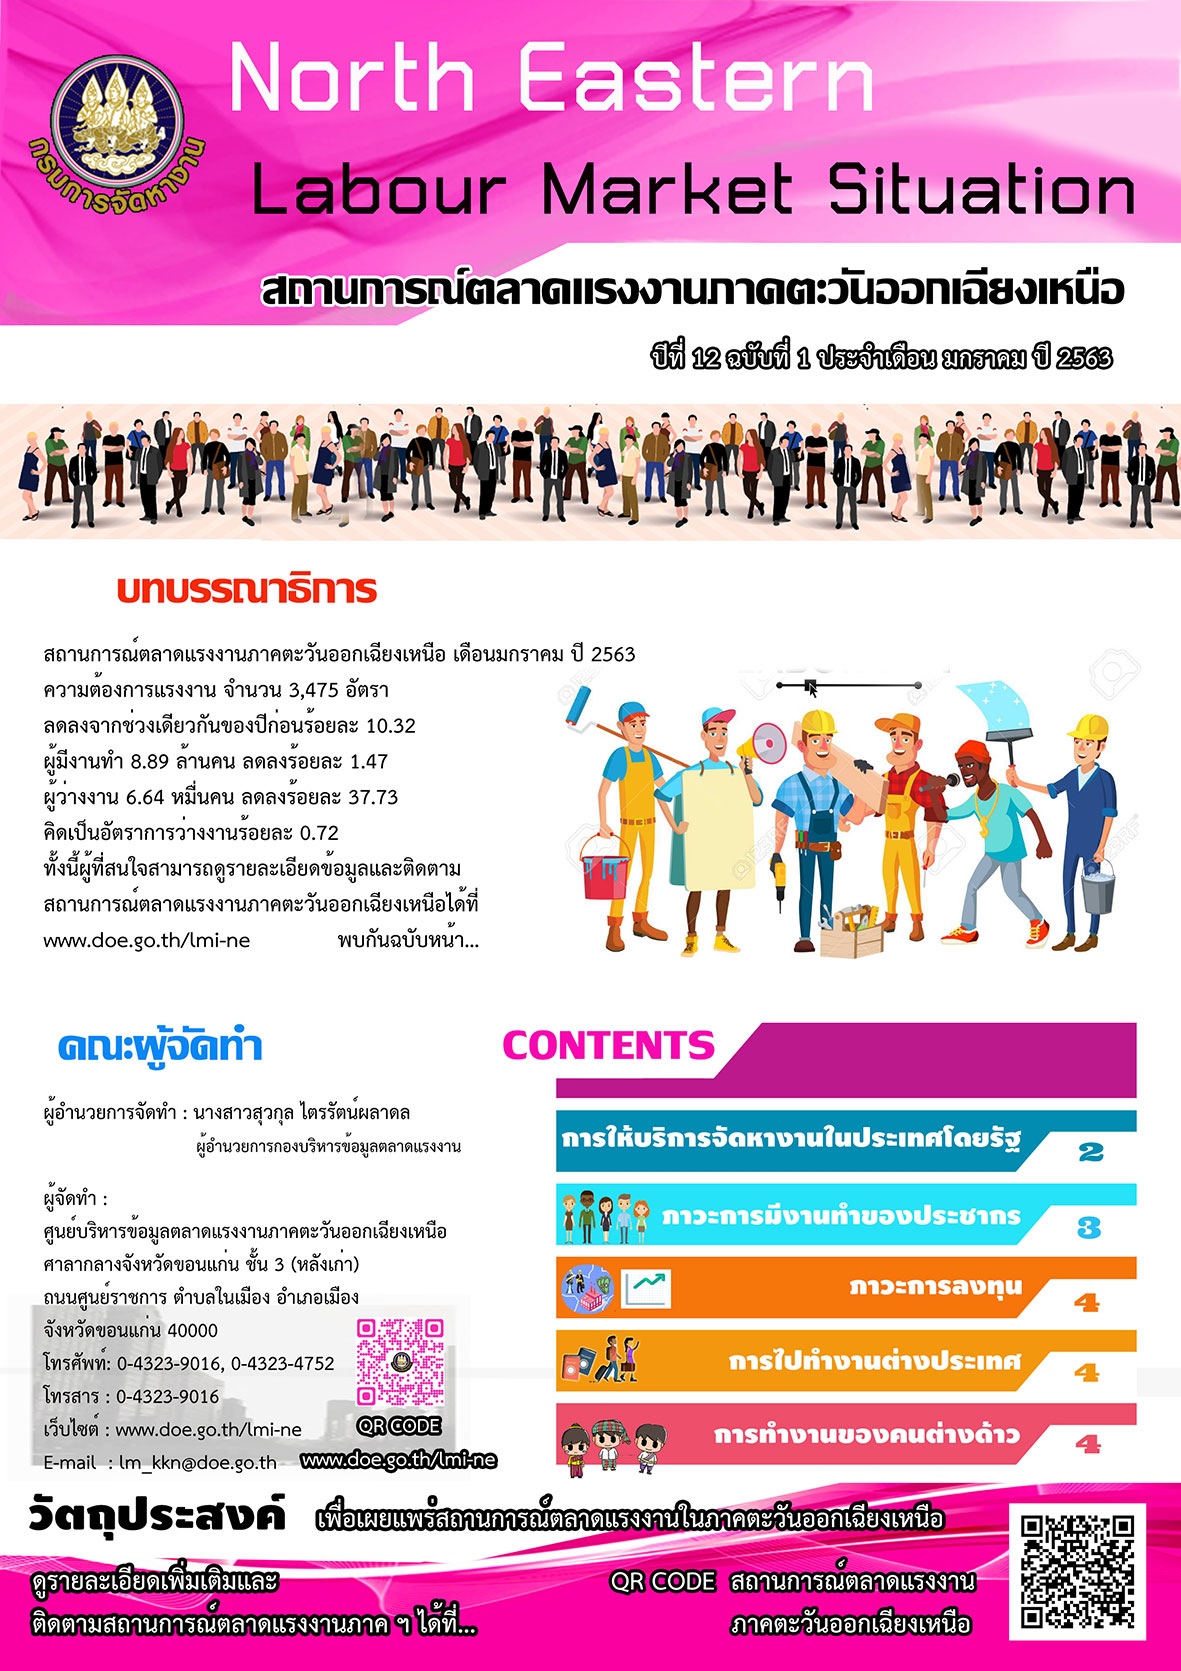 สถานการณ์ตลาดแรงงานภาค ฯ เดือน มกราคม 2563 Infographic